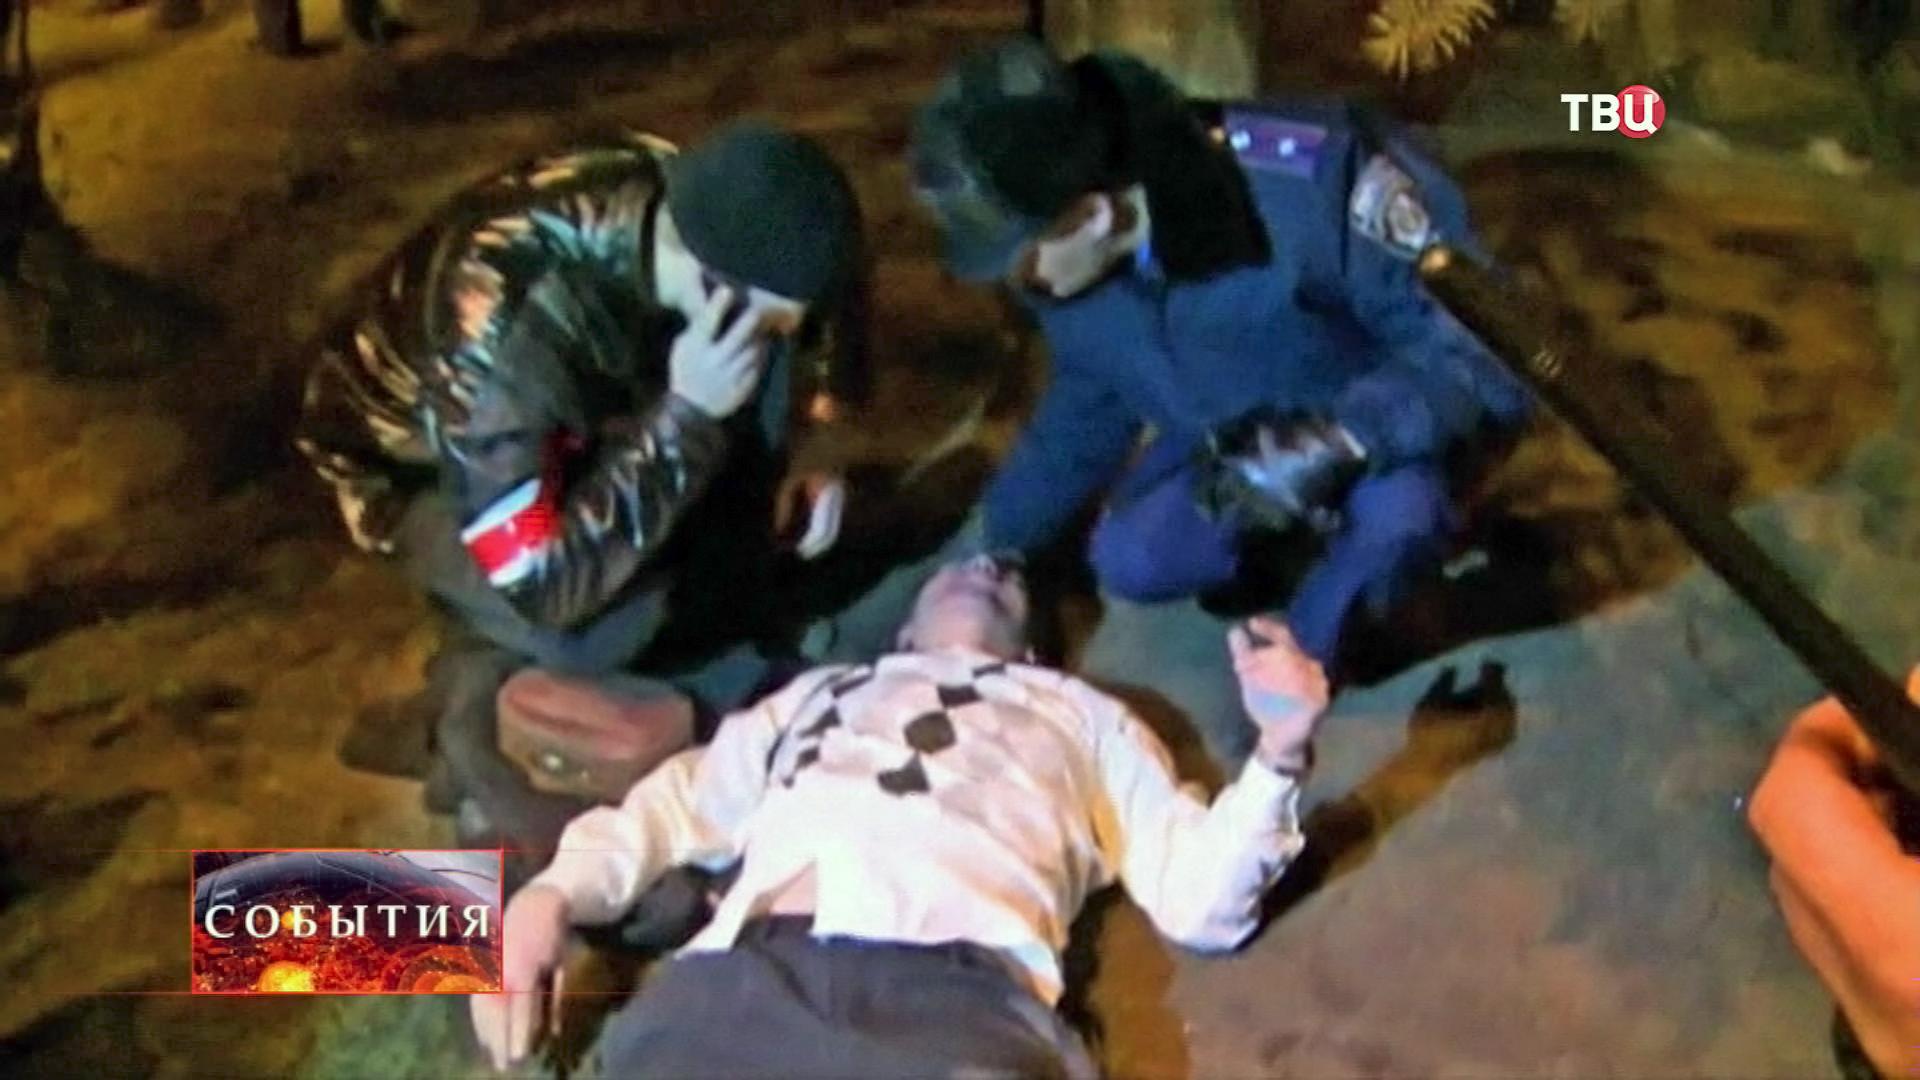 Пострадавший в уличных столкновениях в Донецке